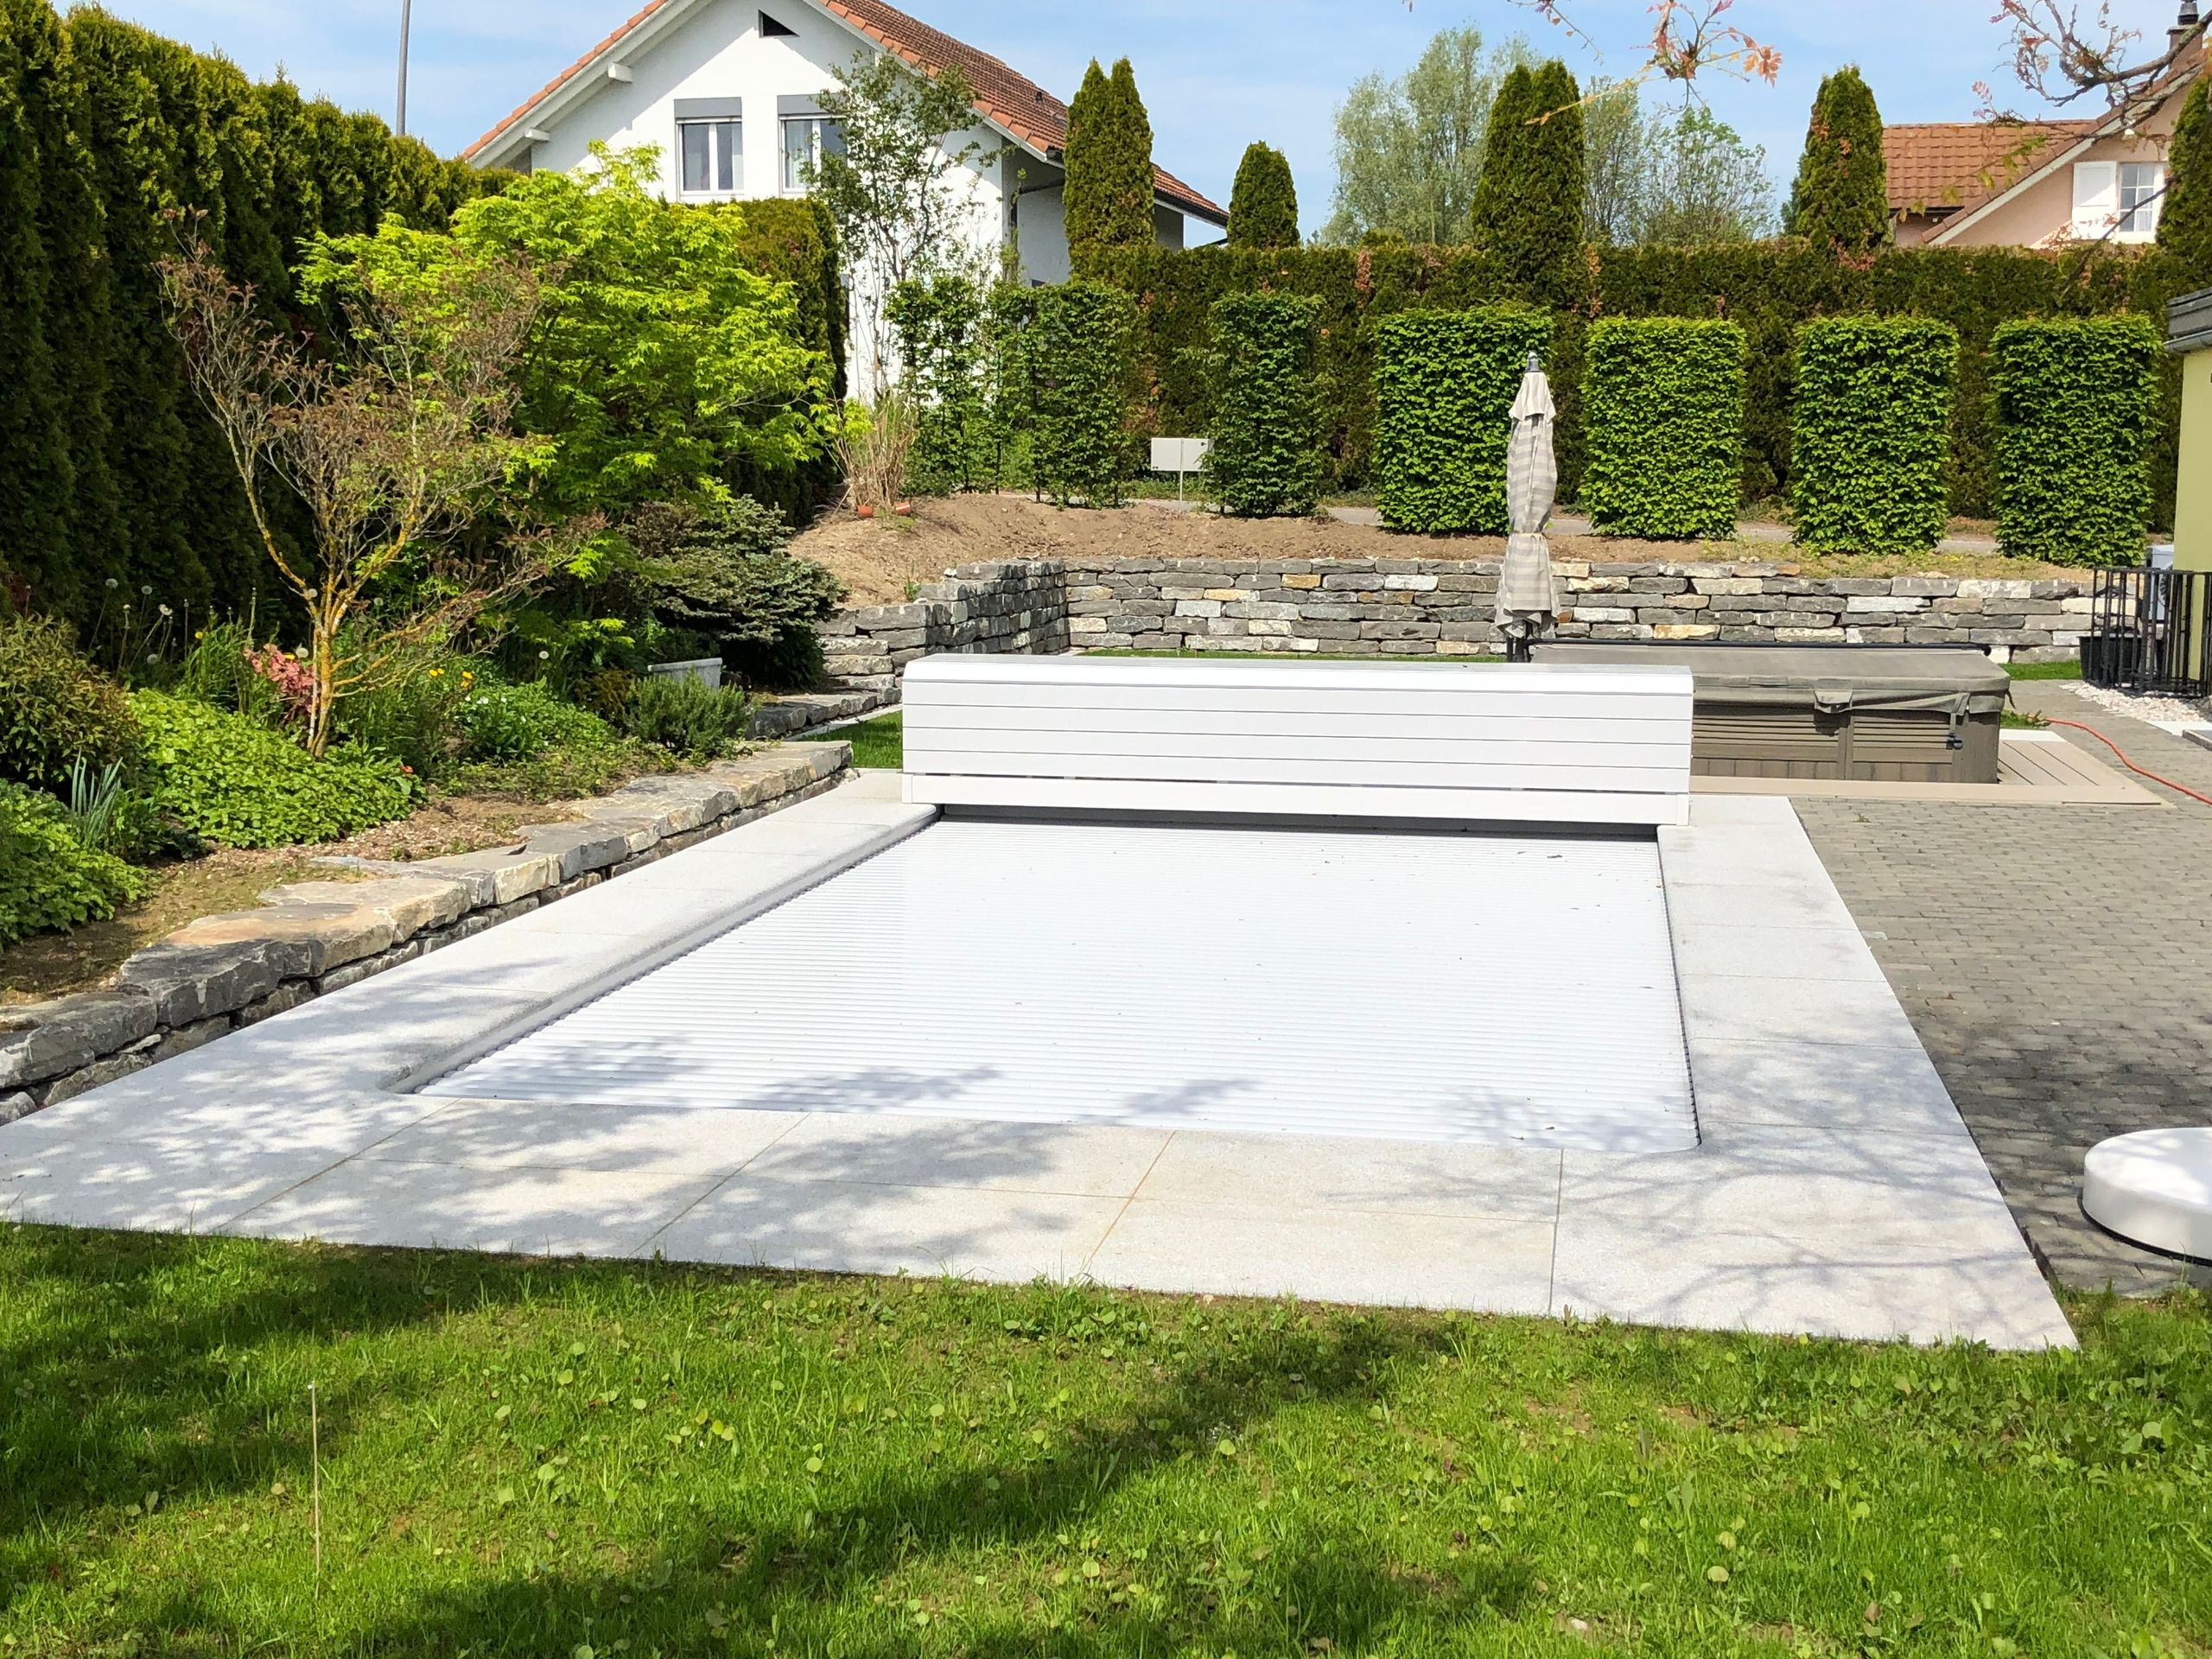 Paysages & Jardins Morel - Galerie Photos serapportantà Amenagement Jardin Avec Pierres